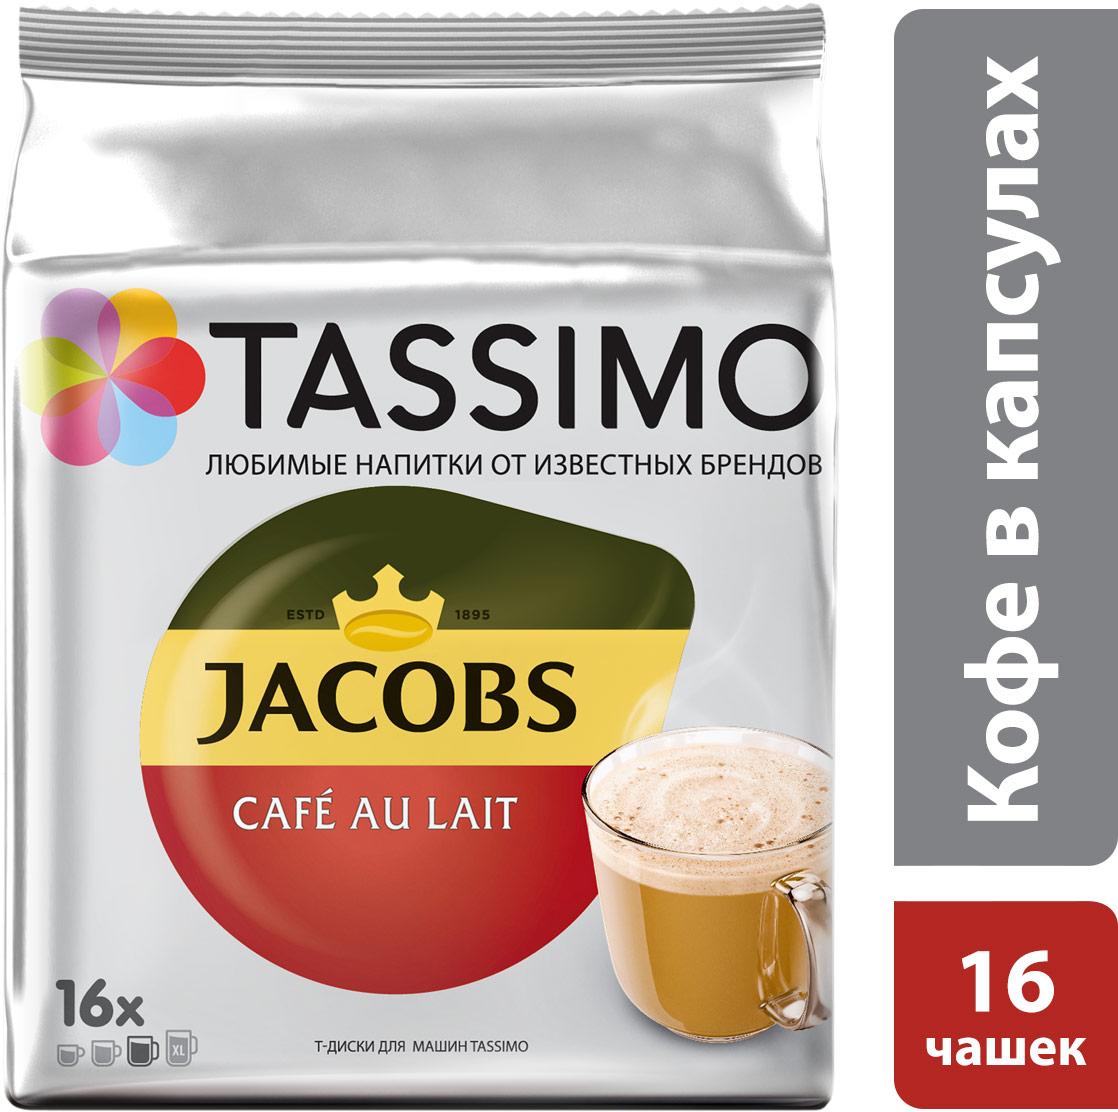 Tassimo Jacobs Cafe Au Lait напиток кофейный растворимый в капсулах, 16 шт4013387Вкусный быстрорастворимый кофе с молоком от Jacobs. Экономичный выбор: 16 порций в упаковке вместо традиционных 8! Французский кофе с молоком для идеального начала дня. Кофе и молоко вместе в 1 Т-DISC позволяет увеличить скорость приготовления этого вкусного напитка: надо вставить только 1 Т-DISC Jacobs кофе с молоком и нажать кнопку. Все! Приятного начала дня!Кофе: мифы и факты. Статья OZON Гид